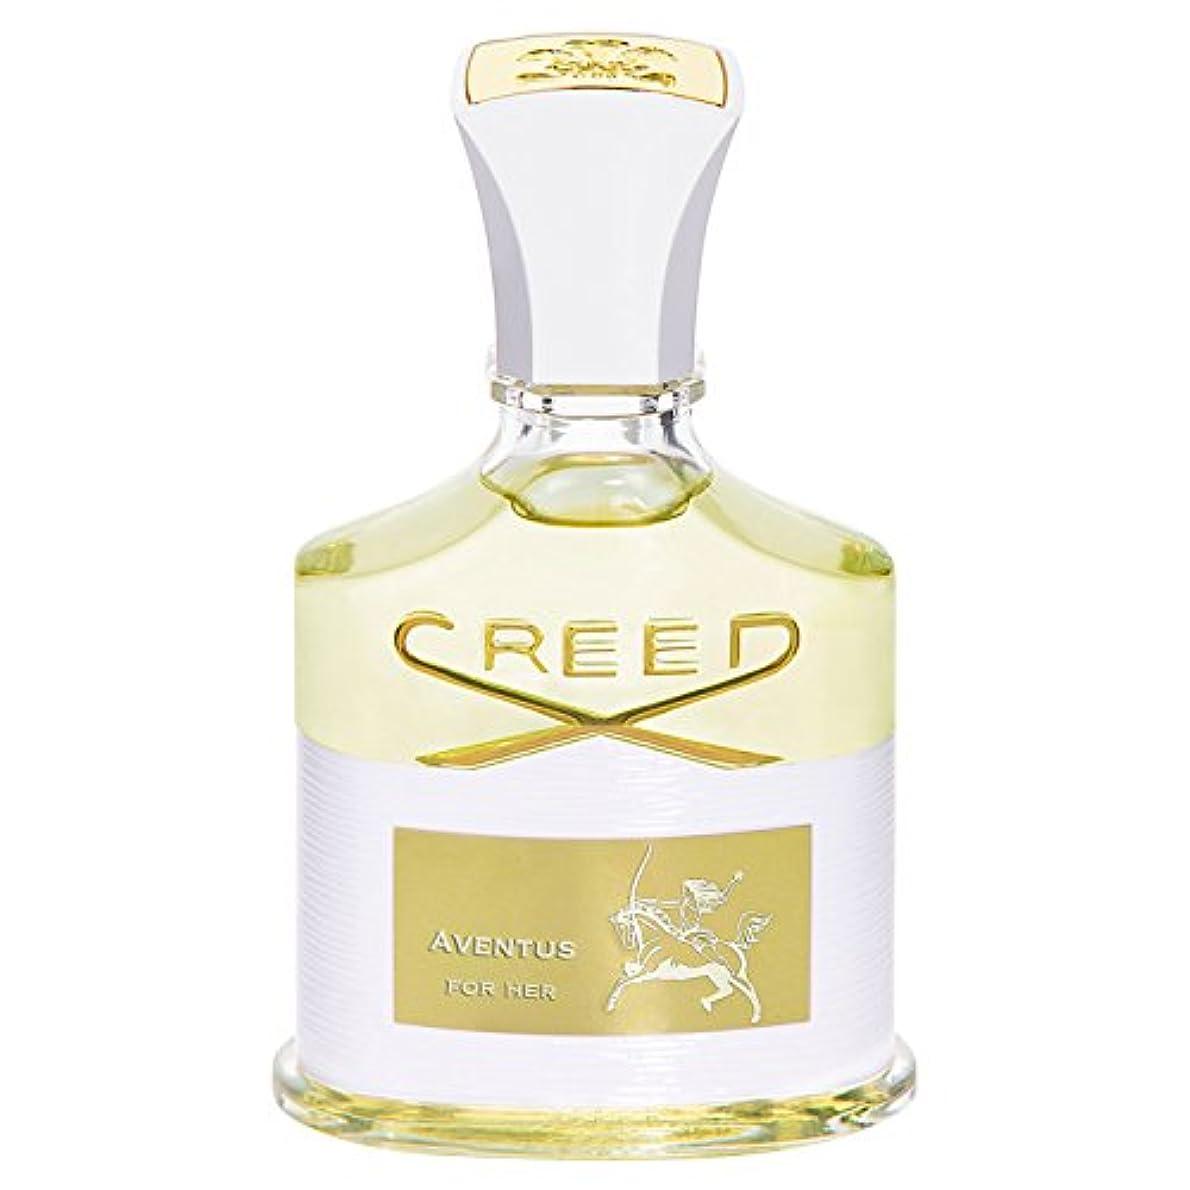 解くバタフライのホストCreed Aventus for Her (クリード アベンタス フォー ハー) 2.5 oz (75ml) Spray